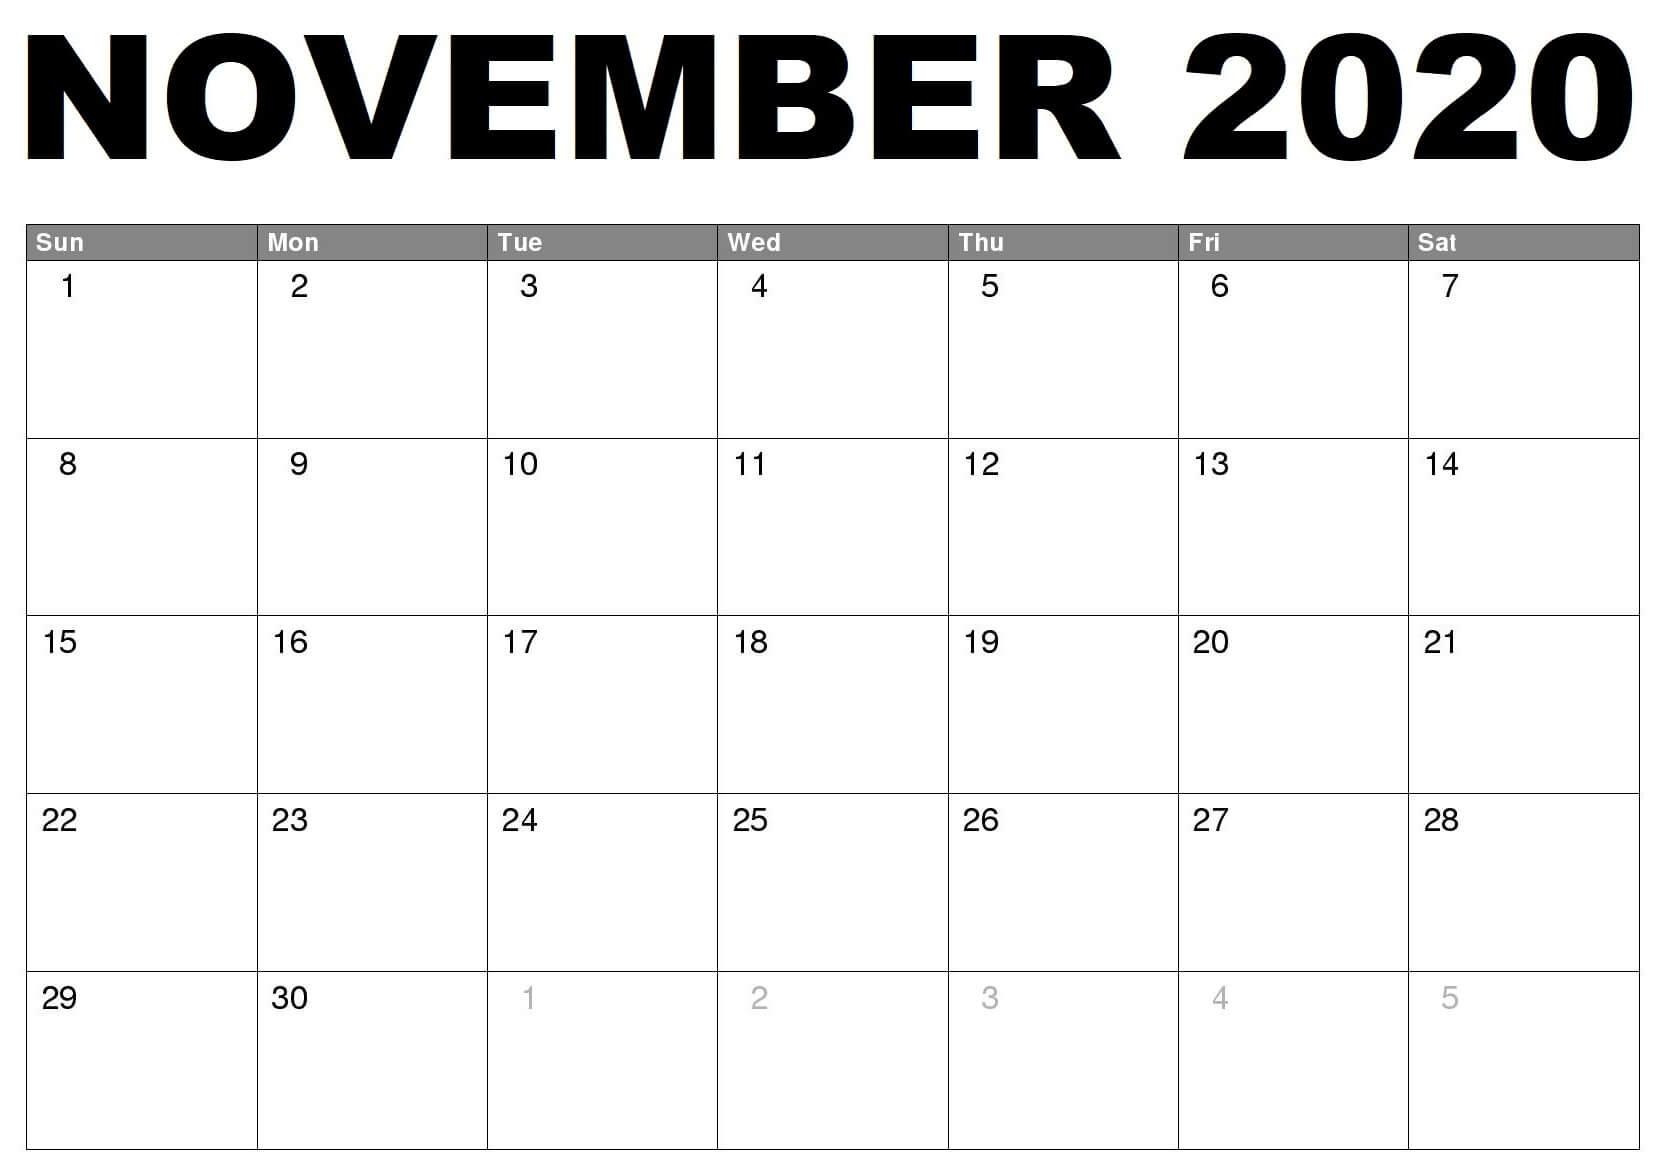 November 2020 Printable Calendar Templates